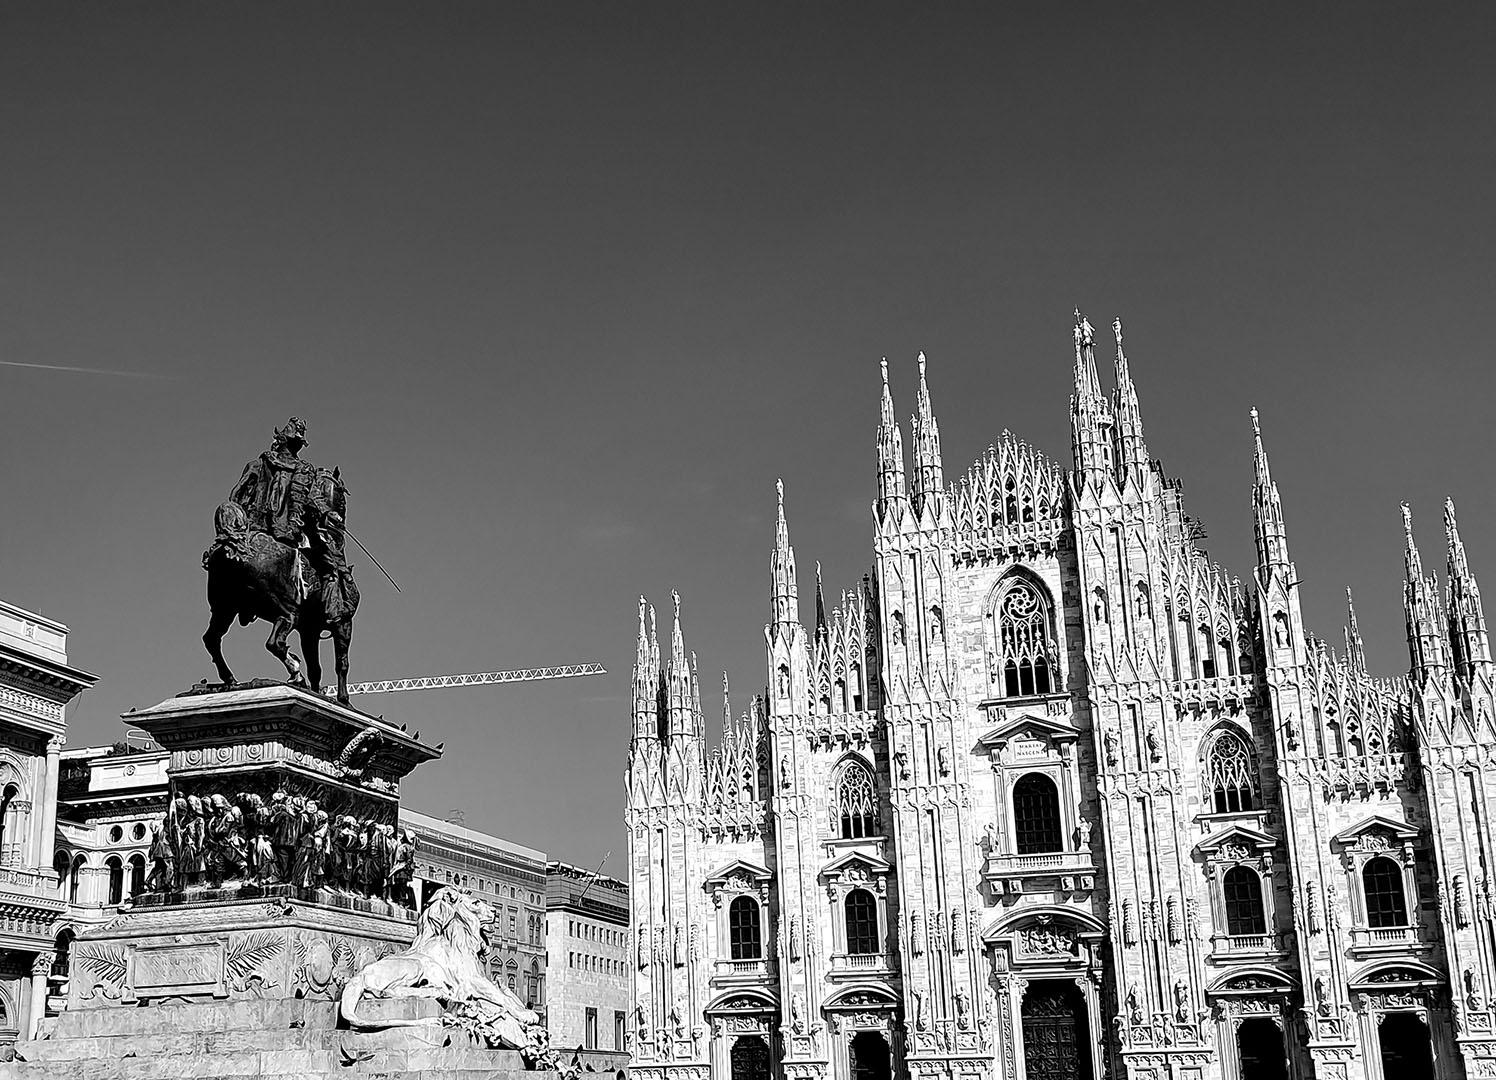 Milano_123_I19.22.39